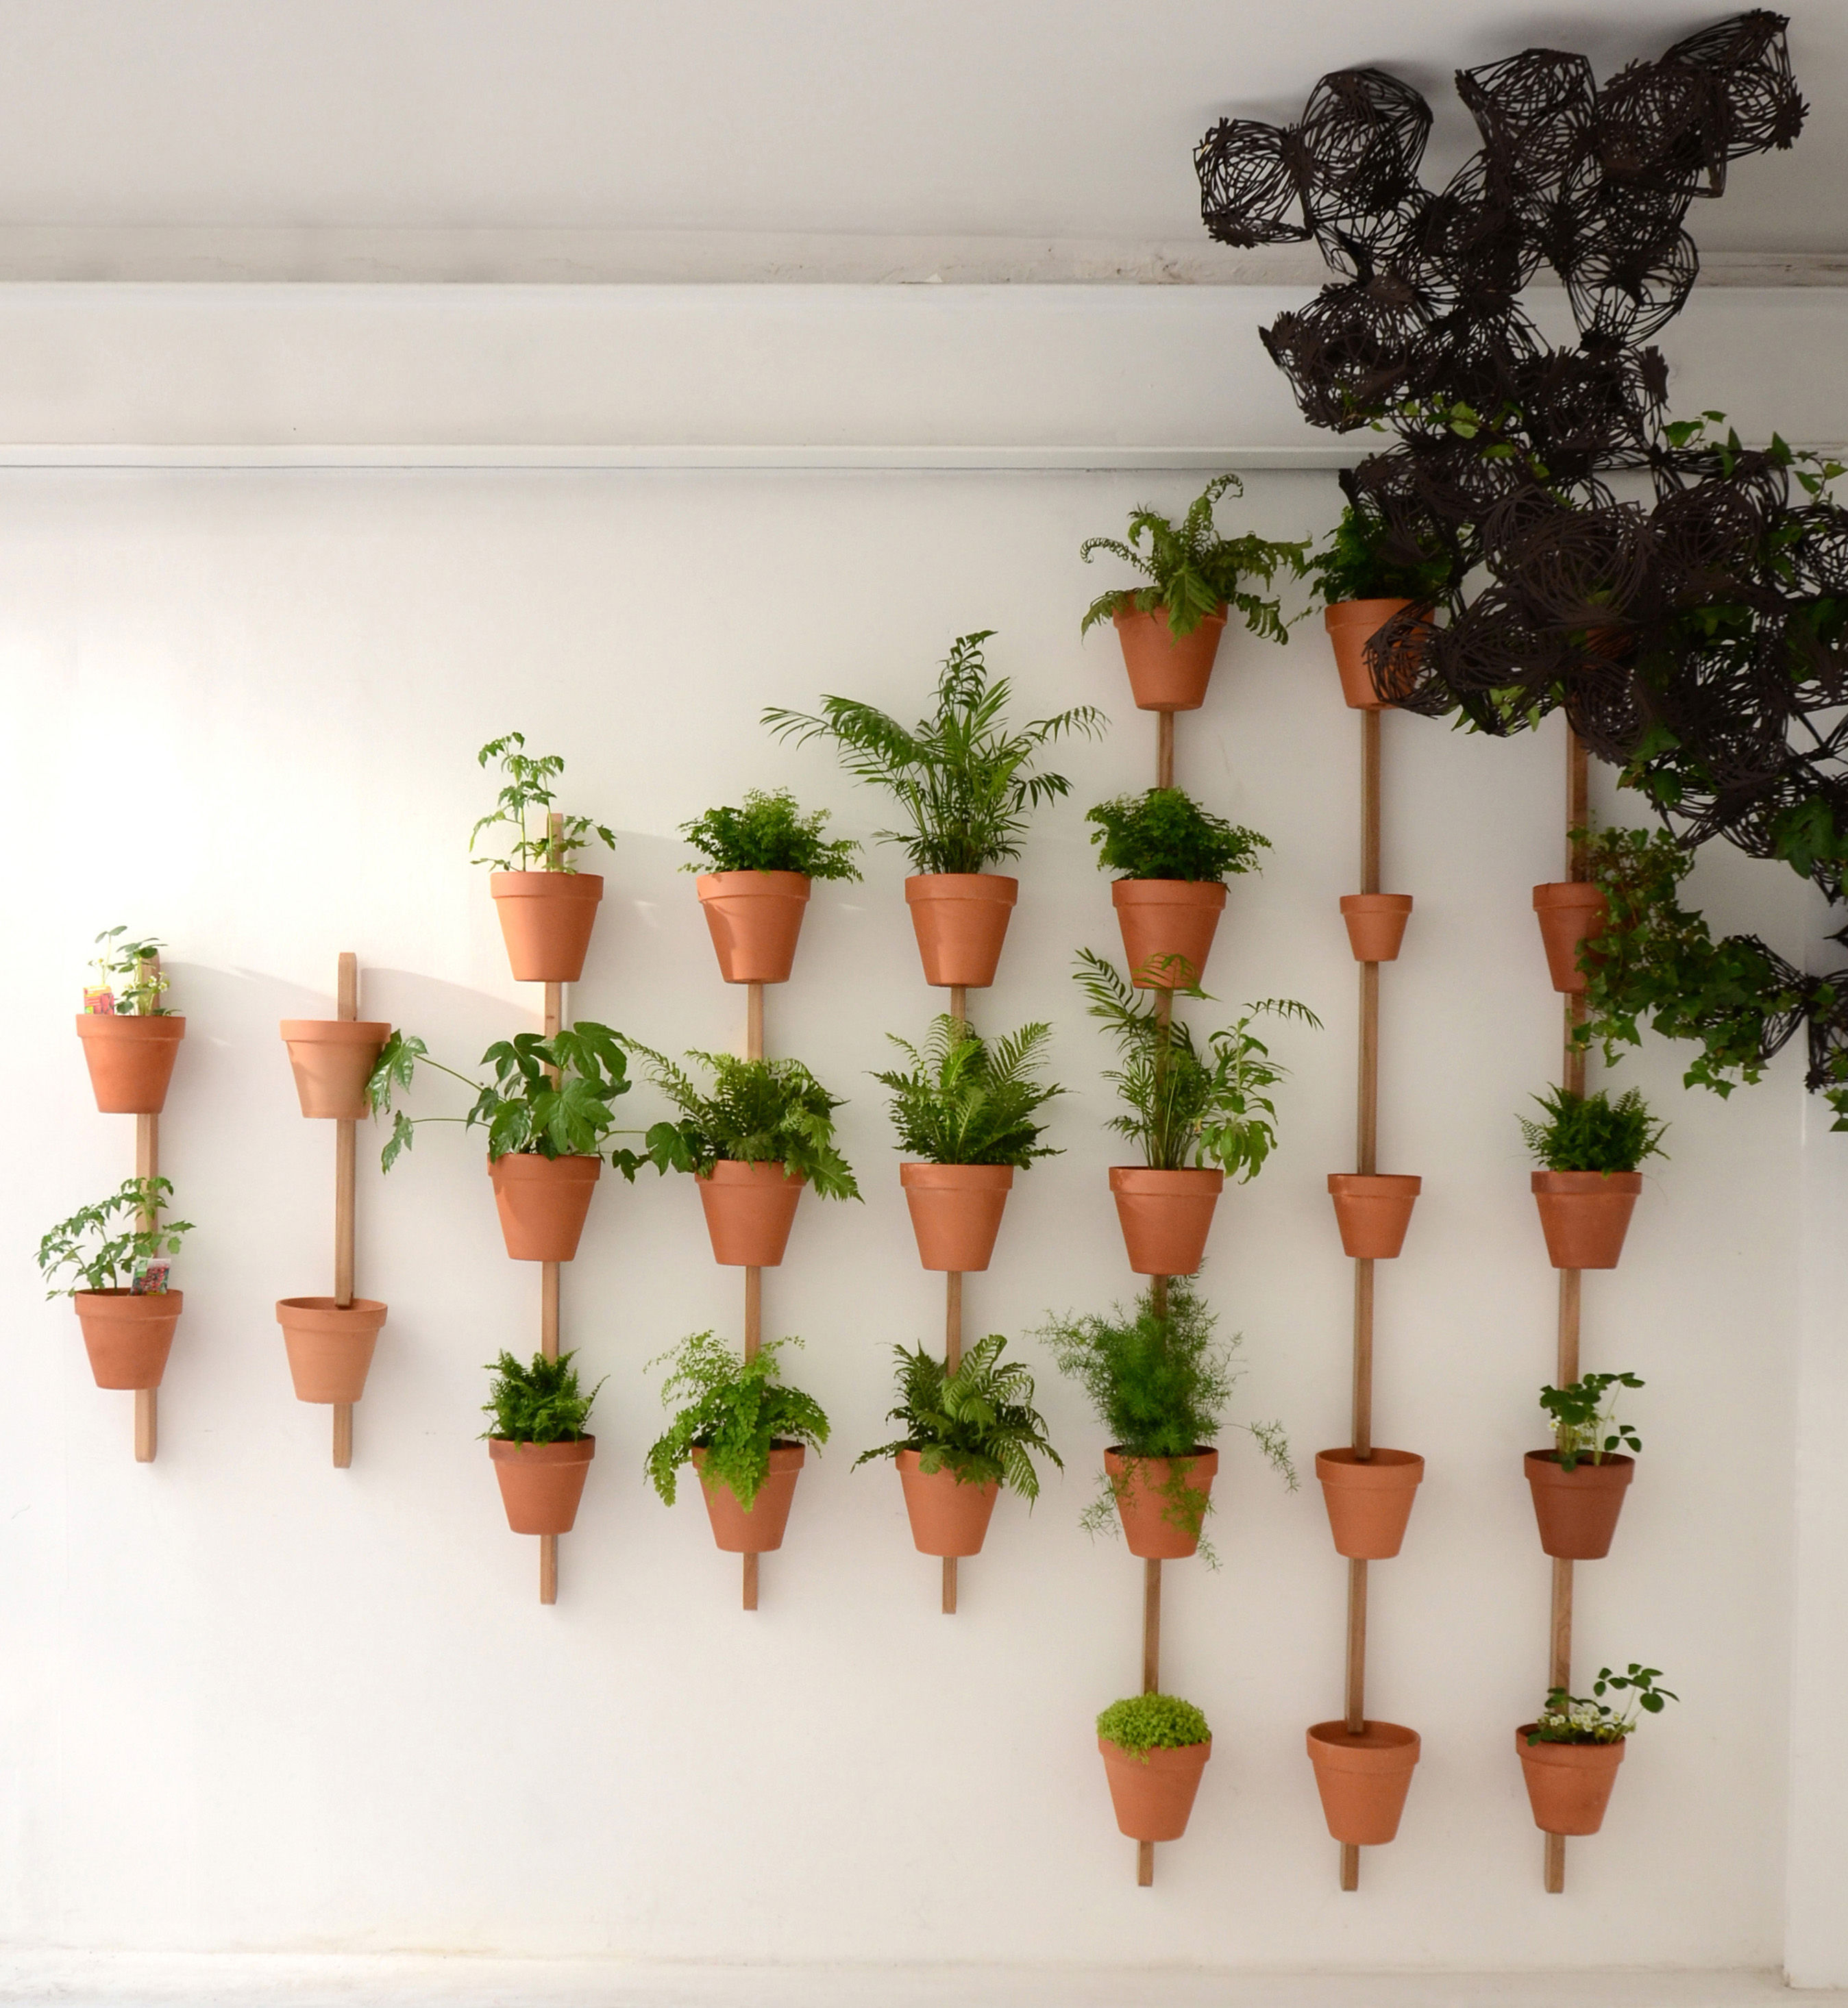 Wohndesign Blumentöpfe: Designermöbel